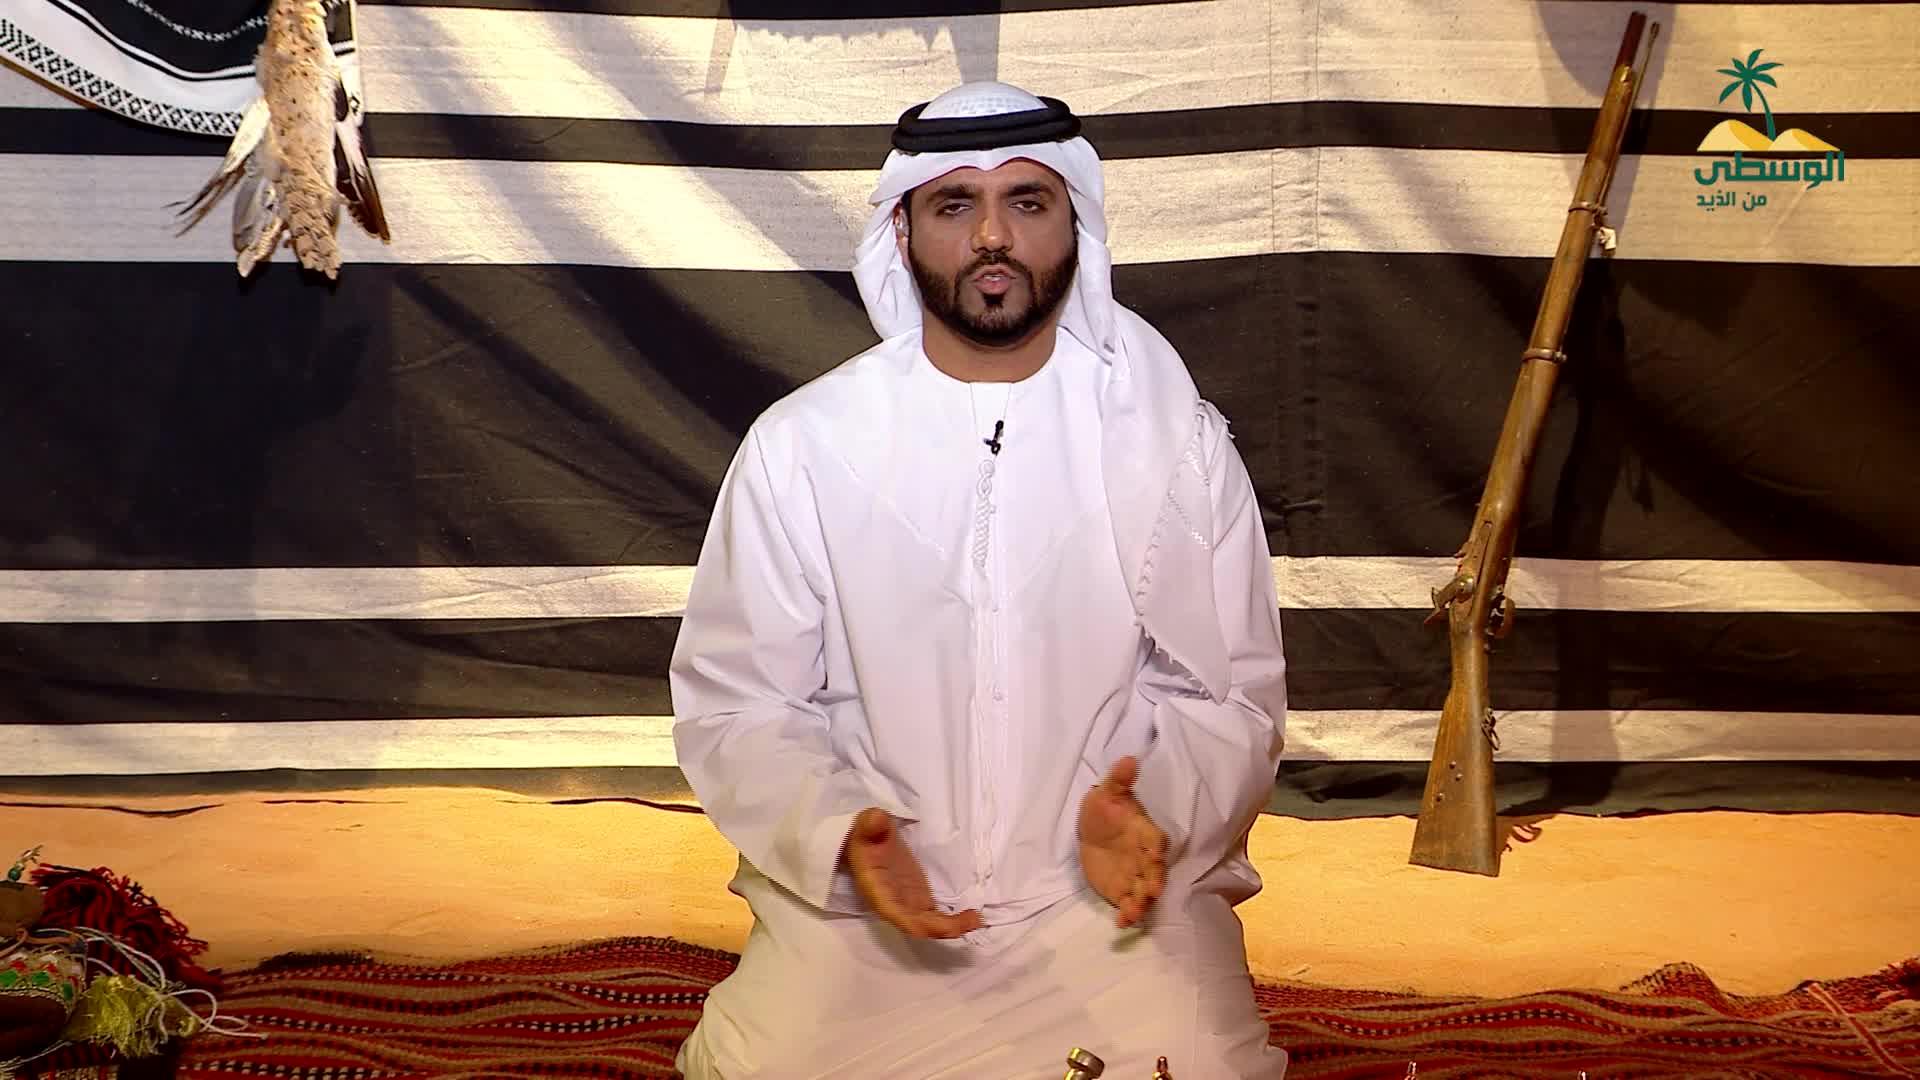 سيرة شاعر - الحلقة الثالثة عشر - محمد عبيد بن نعمان الكعبي